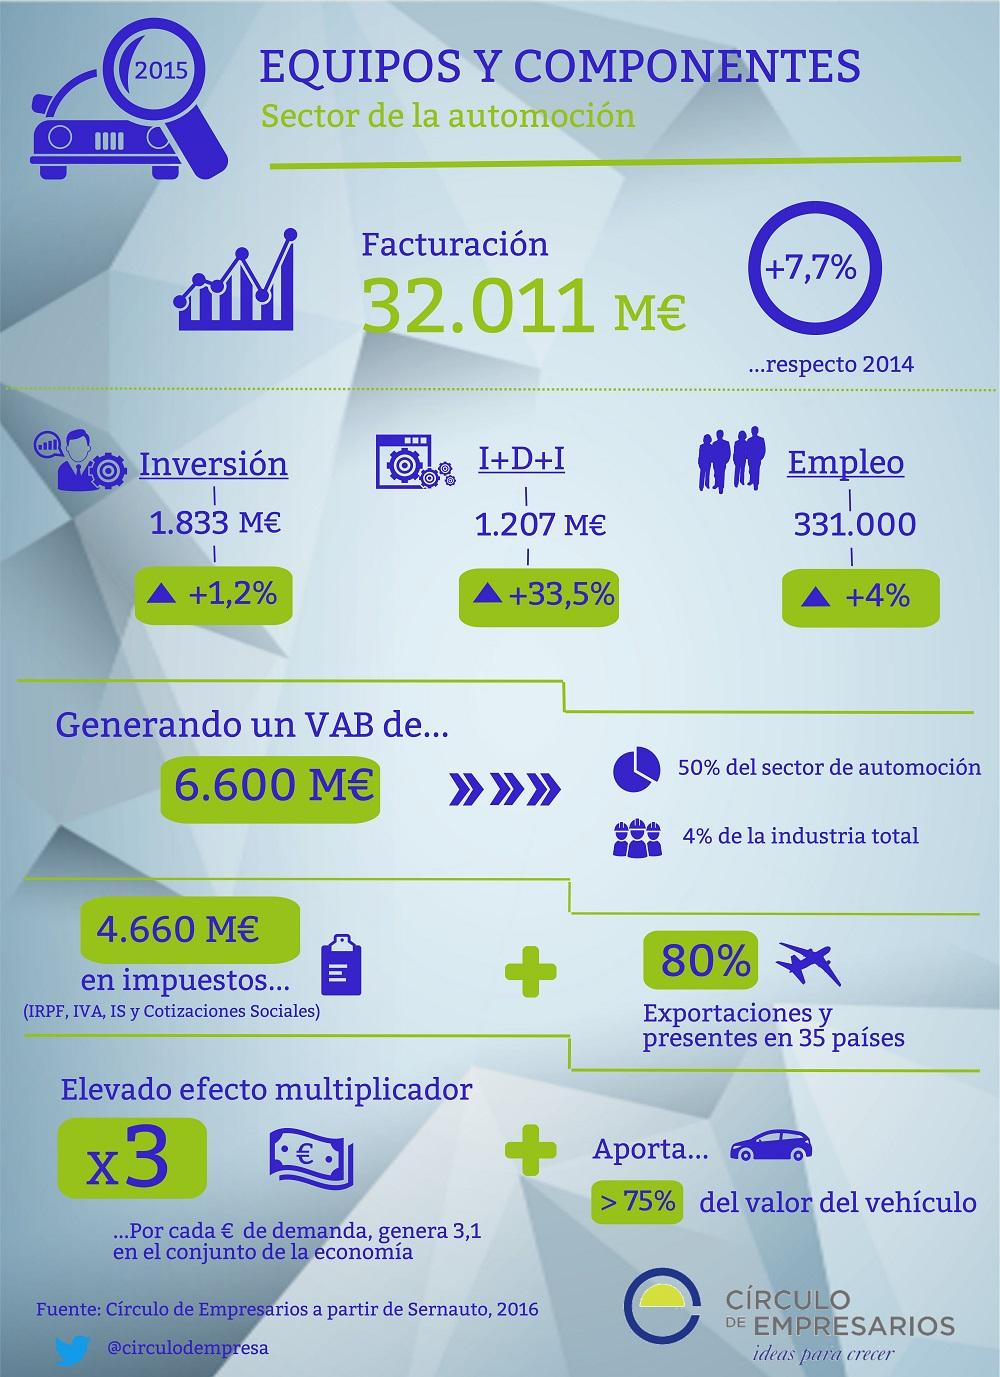 Equipos_y_componentes_sector_automoción_Circulo_de_Empresarios_infografia_julio_2016-1000px